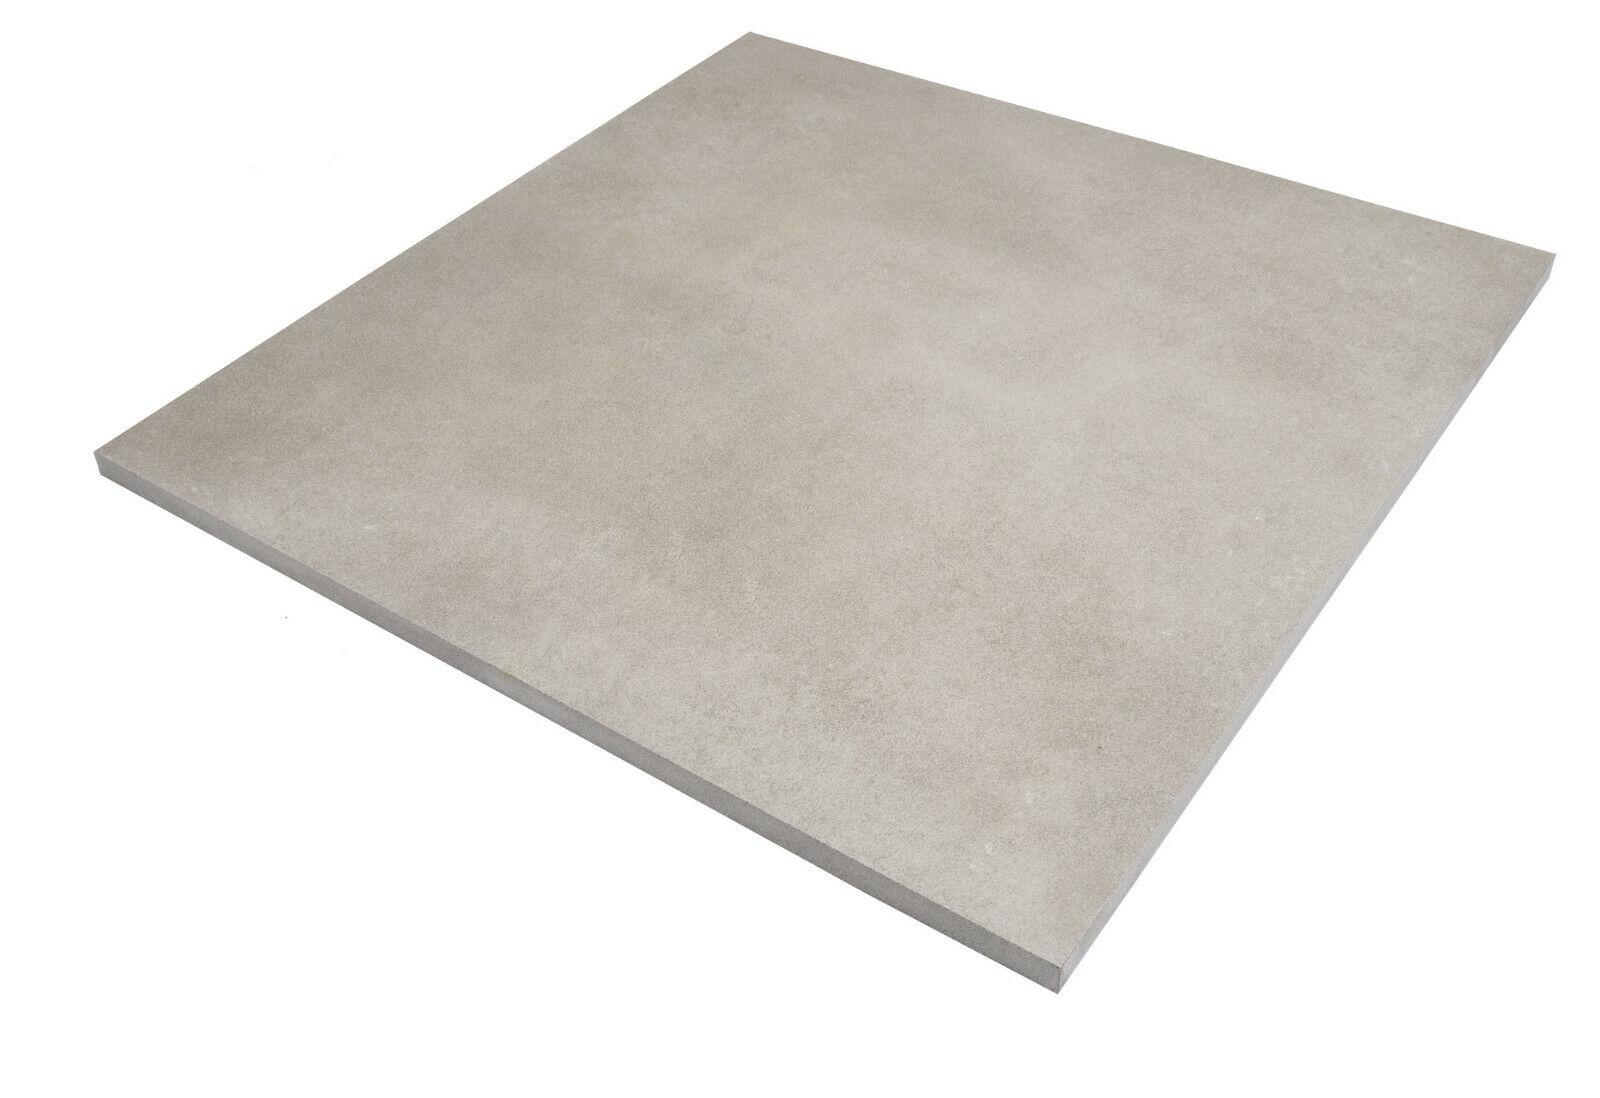 25 m² Terrassenplatten Sand 60x60cm Keramik Feinstein Stein Terrassenfliesen